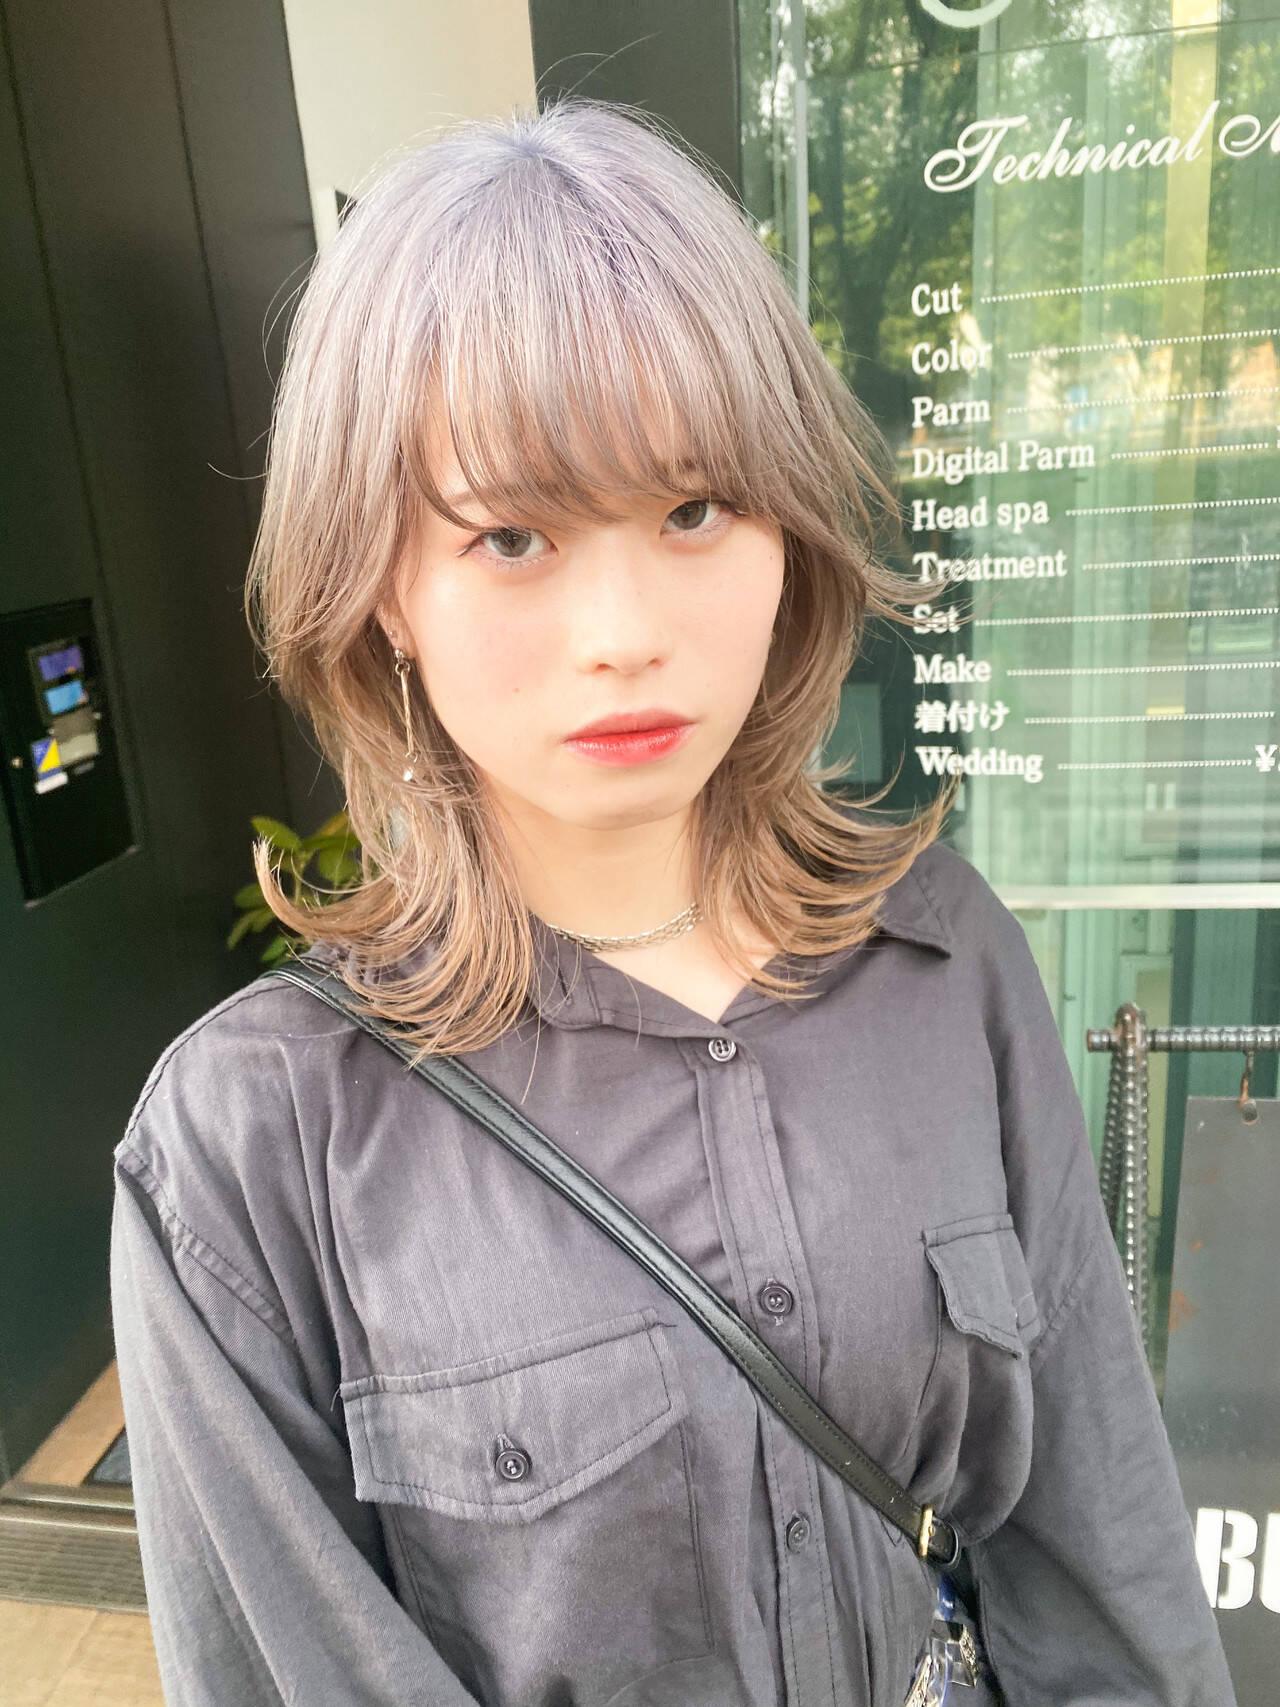 ミディアム マッシュウルフ モード ウルフカットヘアスタイルや髪型の写真・画像